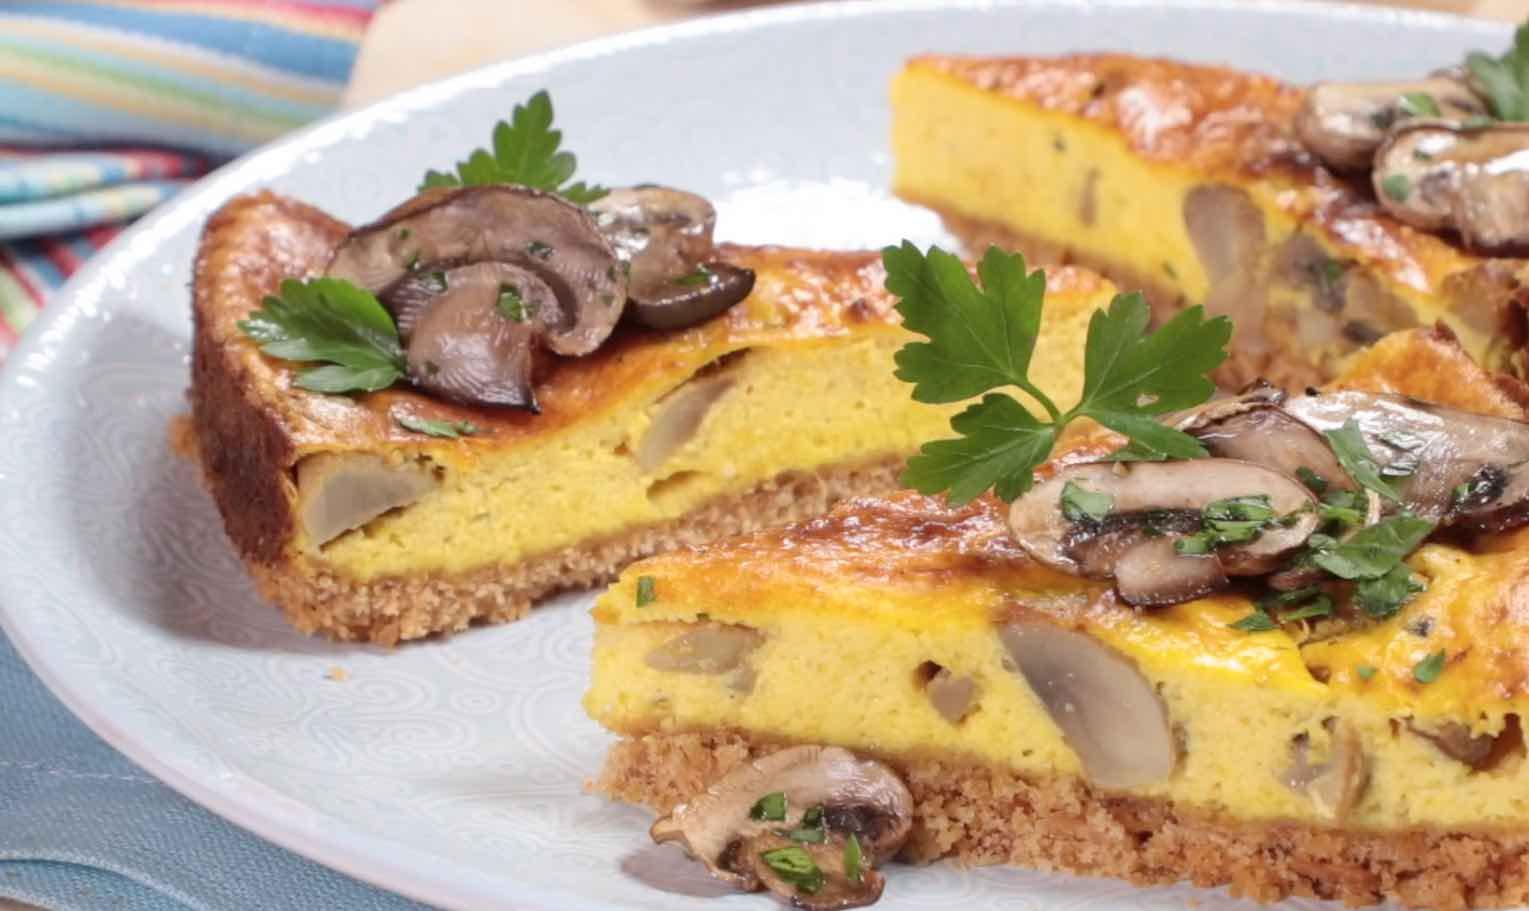 Cheesecake salata allo zafferano e Prataiolo bianco